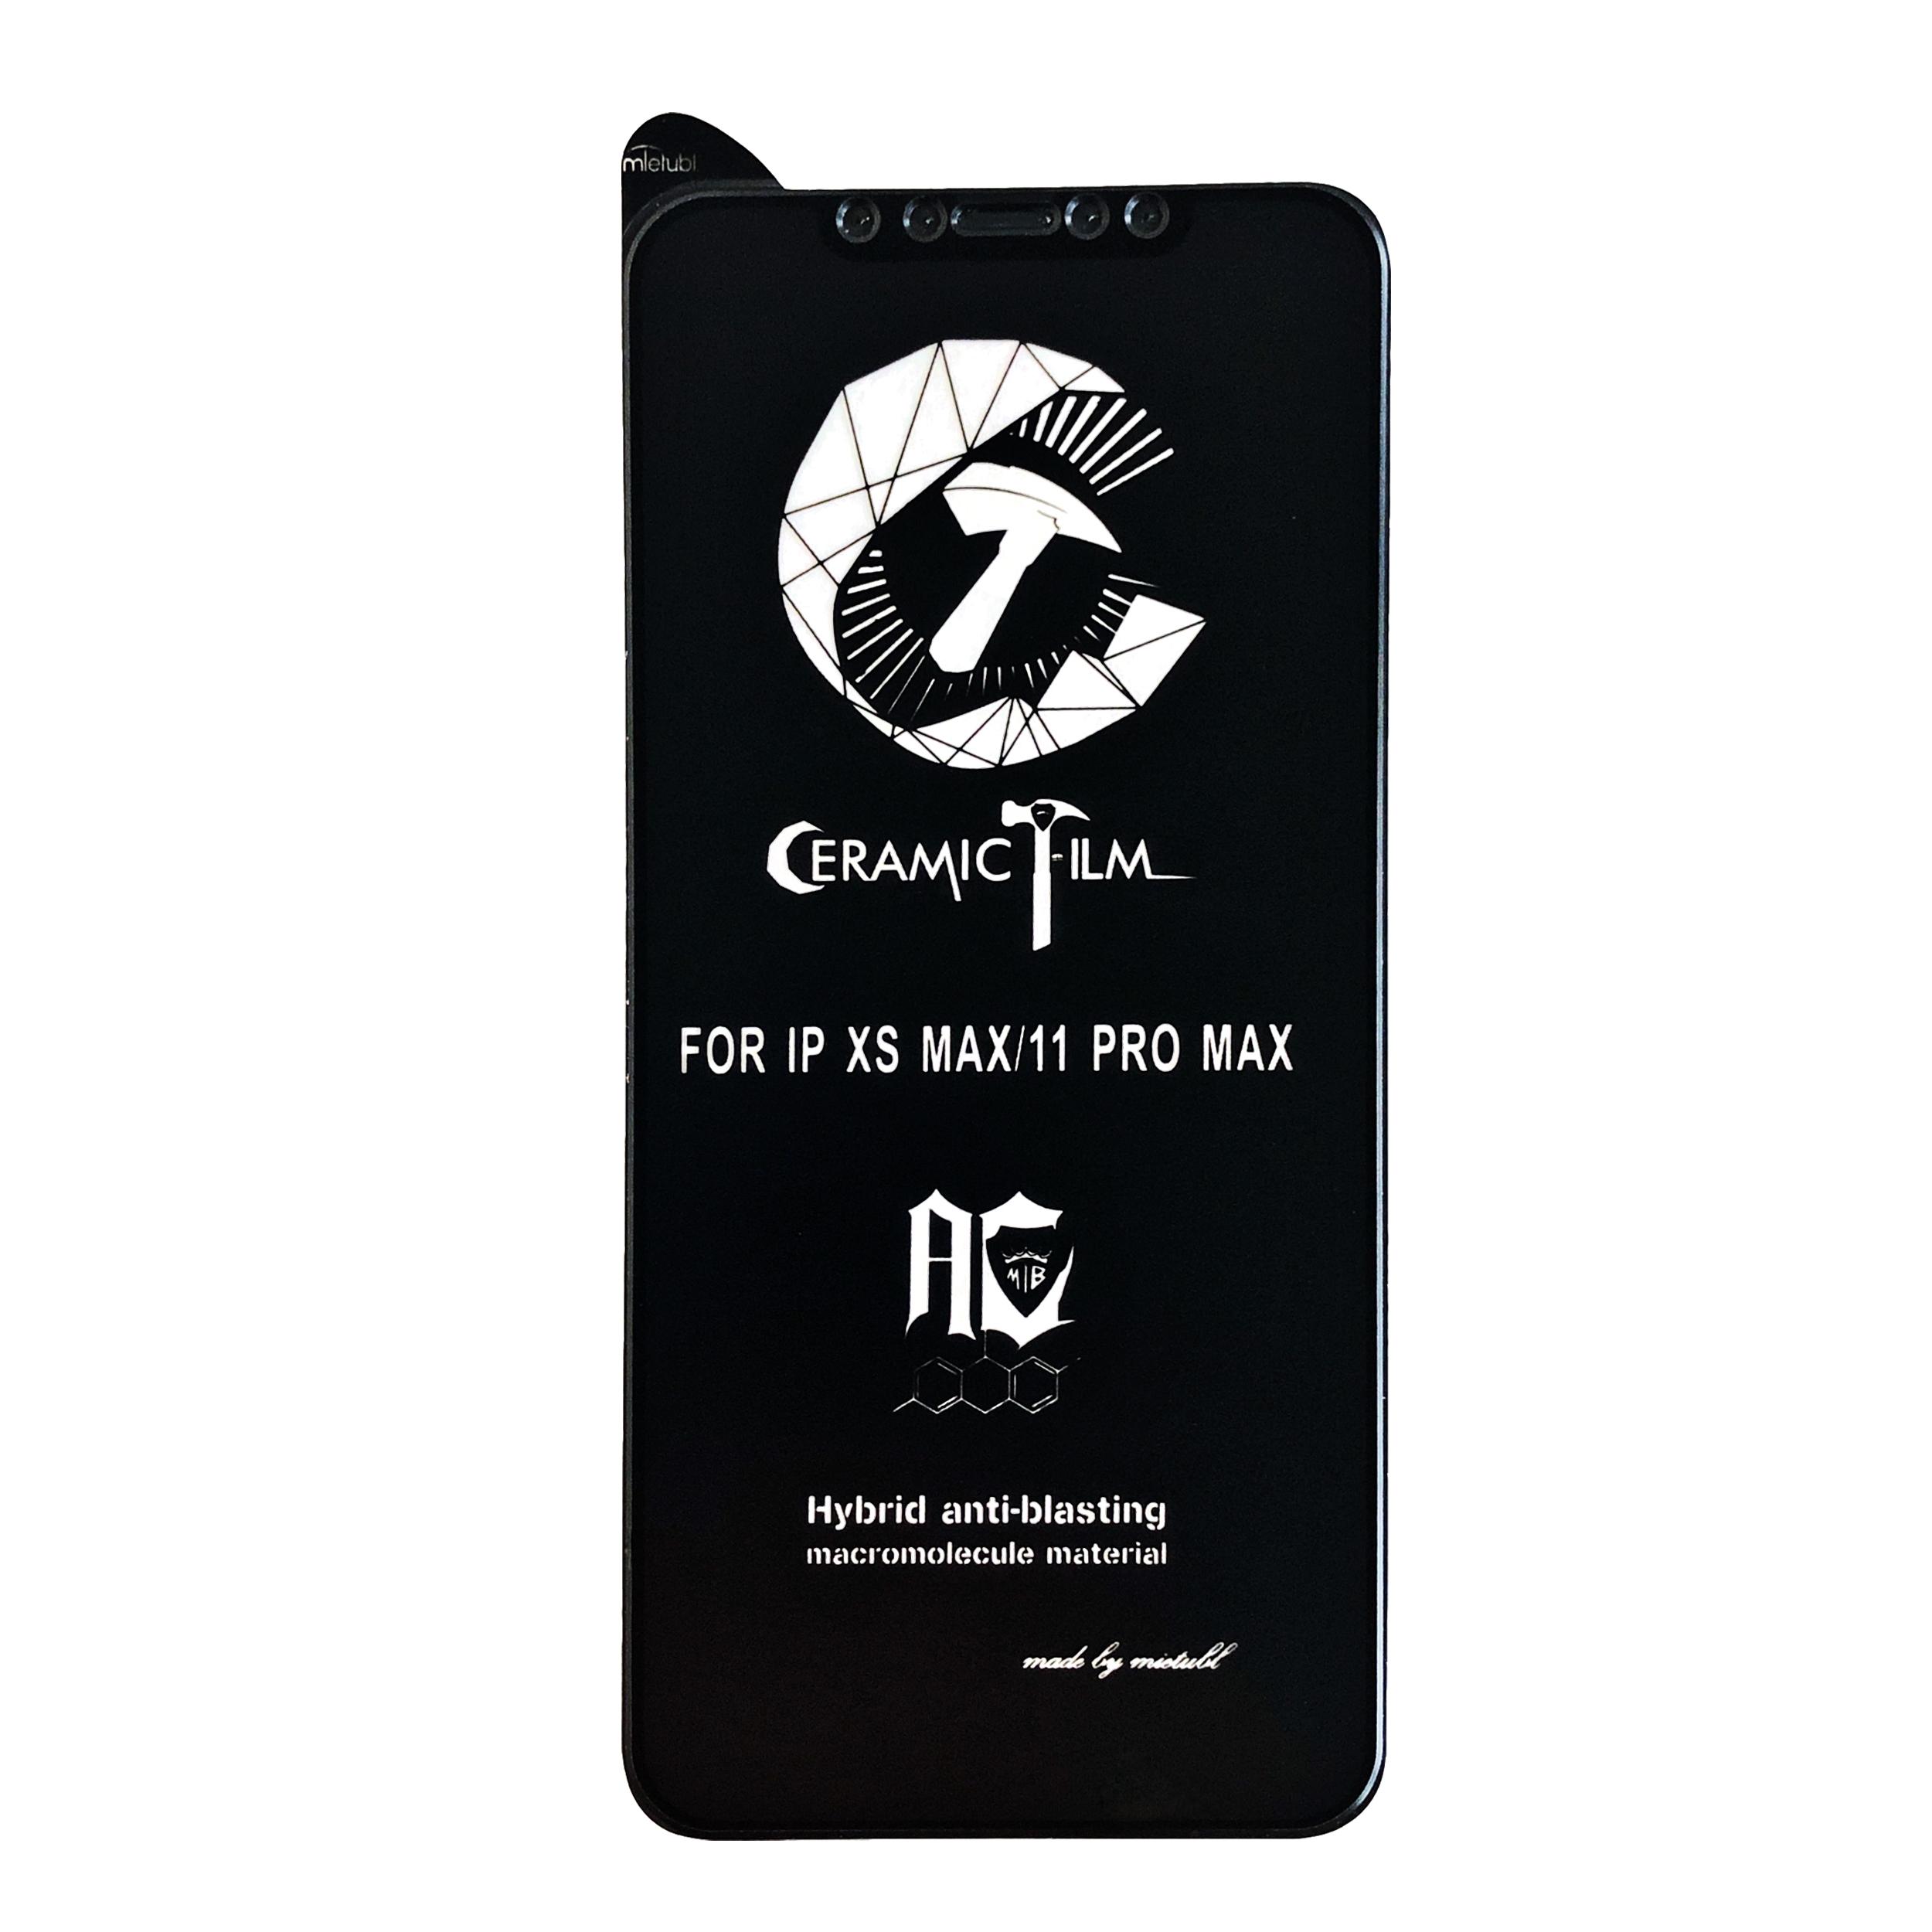 محافظ صفحه نمایش میتوبل مات مدل Pmma-01 مناسب برای گوشی موبایل اپل iphone XS Max/11Pro Max